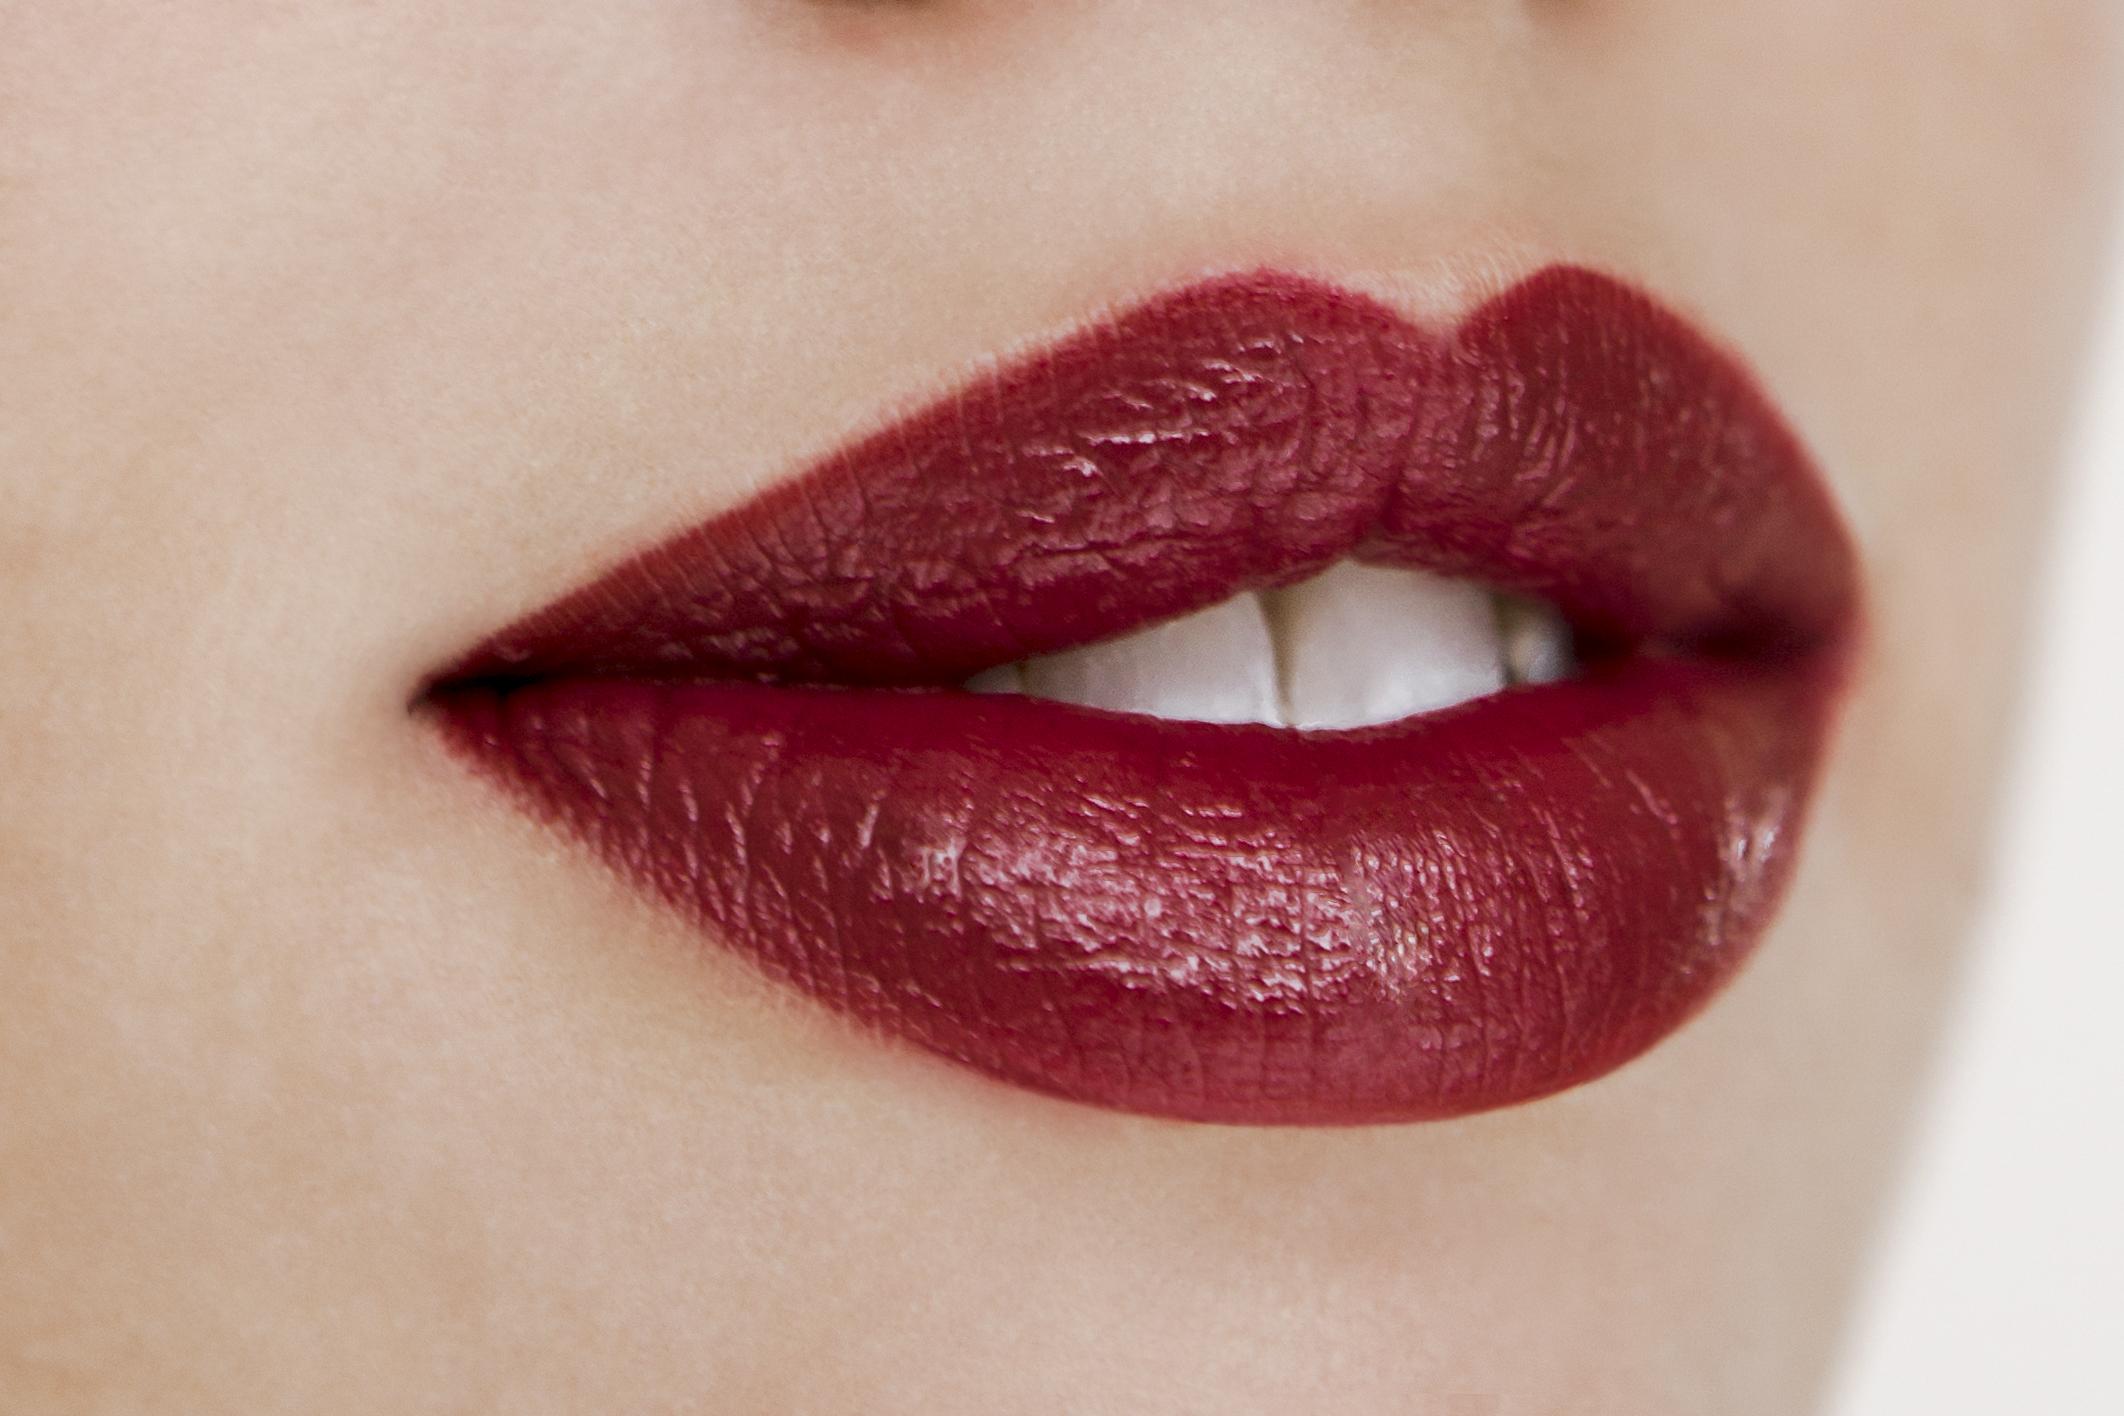 Pout case lipstick